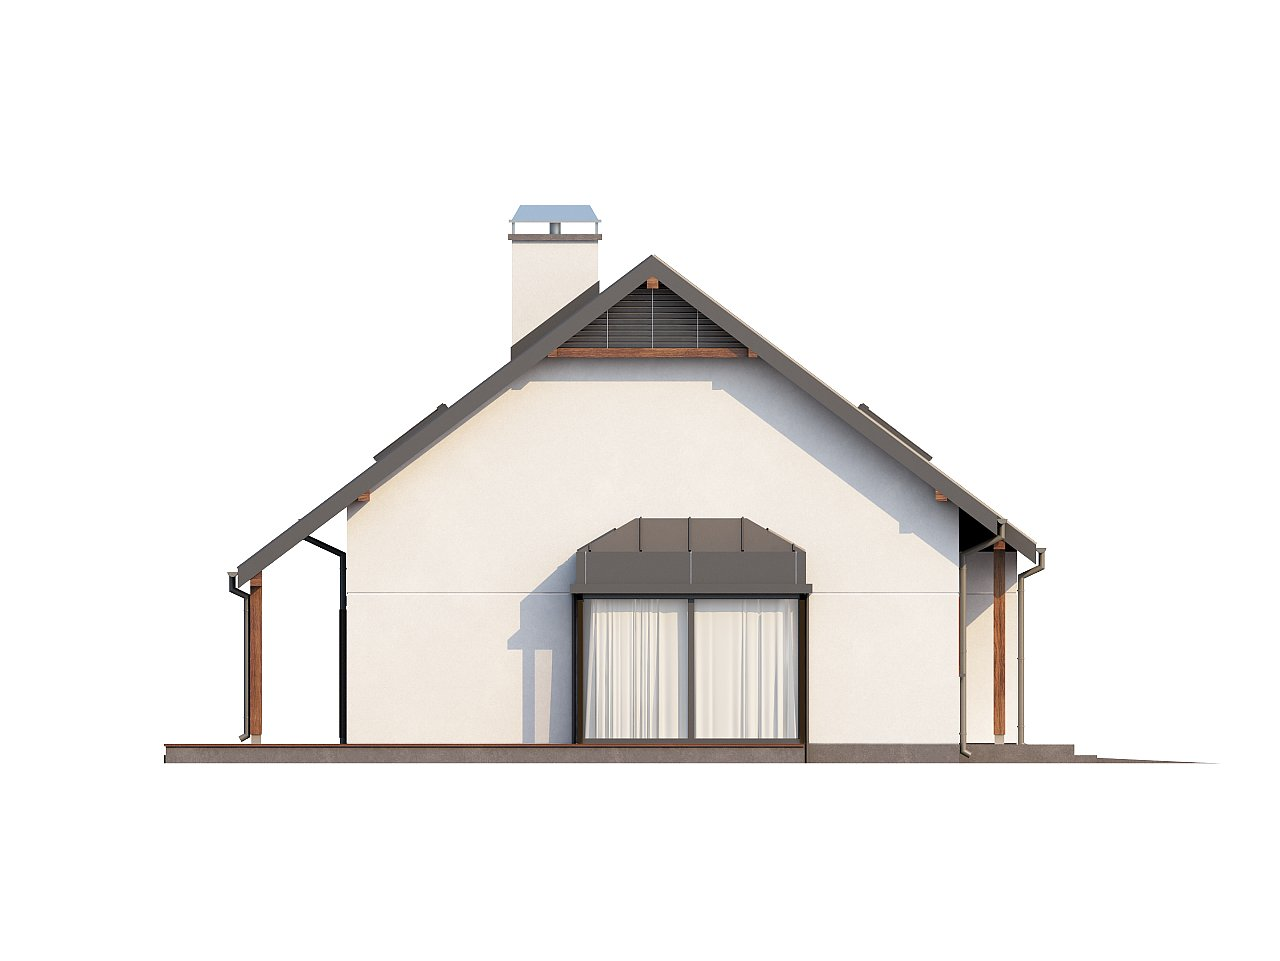 Практичный дом с мансардой, гаражом, кабинетом на первом этаже и стильным эркером. 5